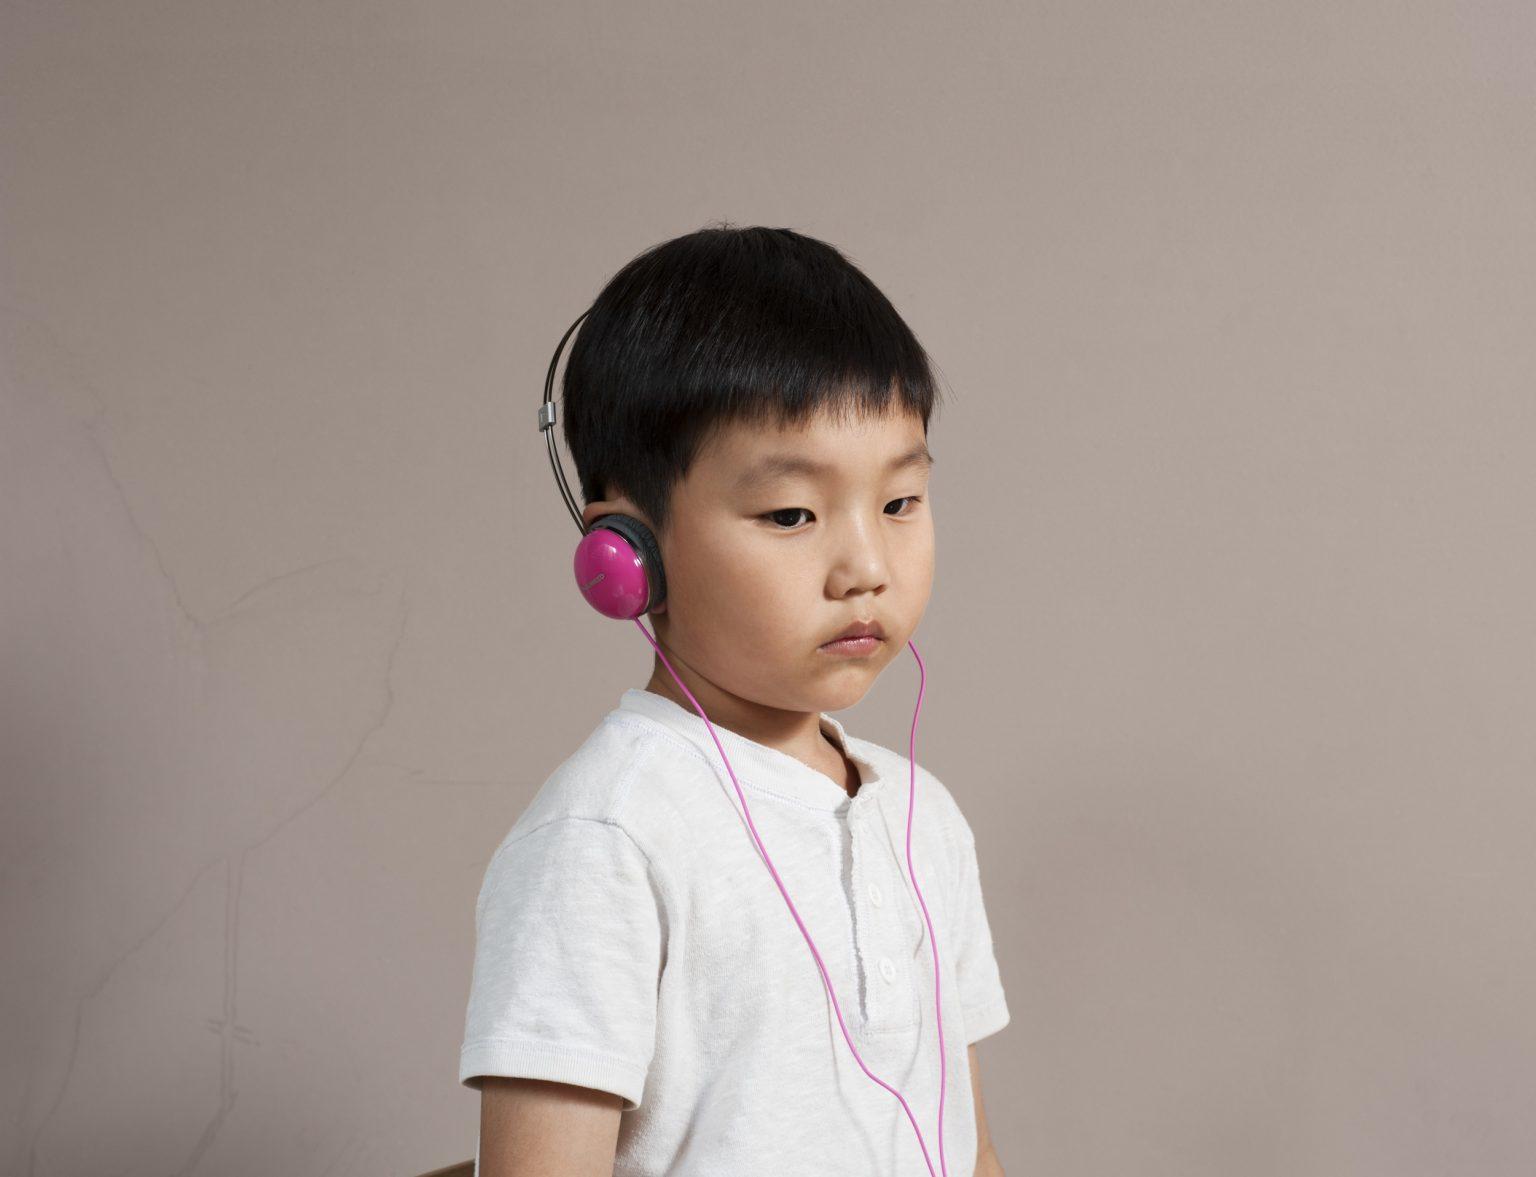 Republic of Korea, Seoul, July 2015: a 3 years old child listening to fairy tales from a tablet in his family apartment./ Repubblica di Corea, Seoul, Luglio 2015: un bambino di 3 anni mentre ascolta delle fiabe da un tablet nel suo appartamento.*Stitched photograph*